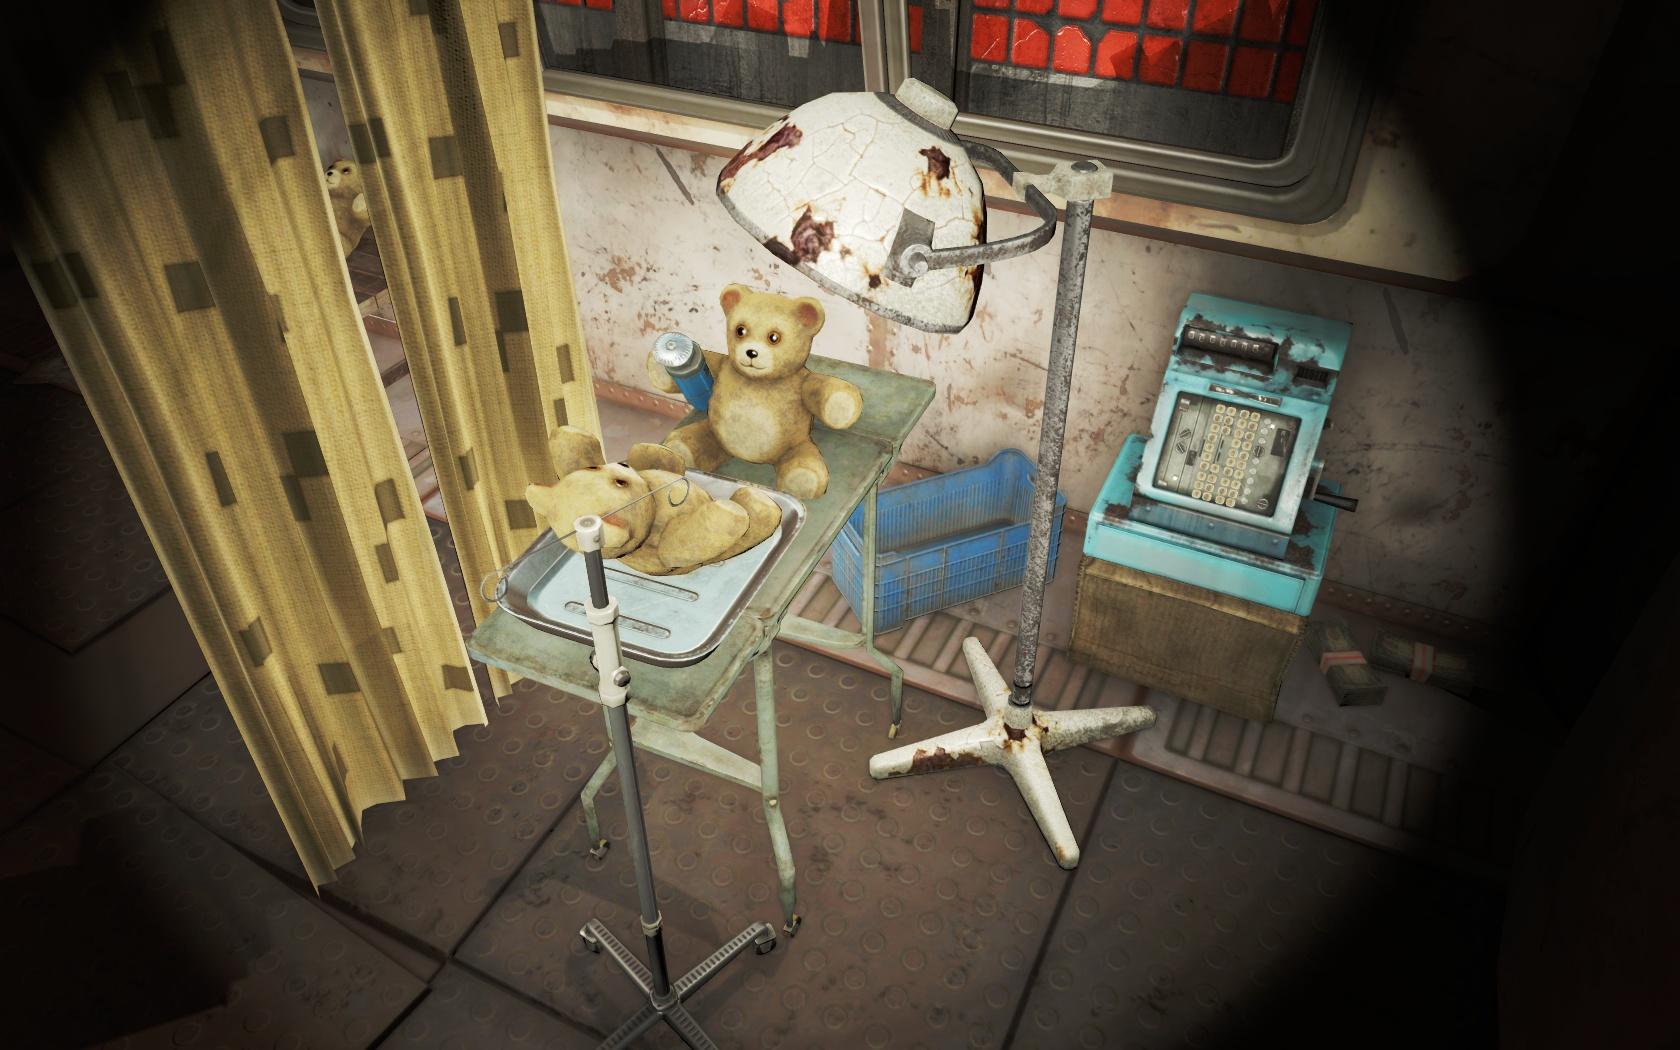 Расправа косторезом (Тоннель Масс-Пайк) - Fallout 4 косторез, Масс-Пайк, Тоннель, Тоннель Масс-Пайк